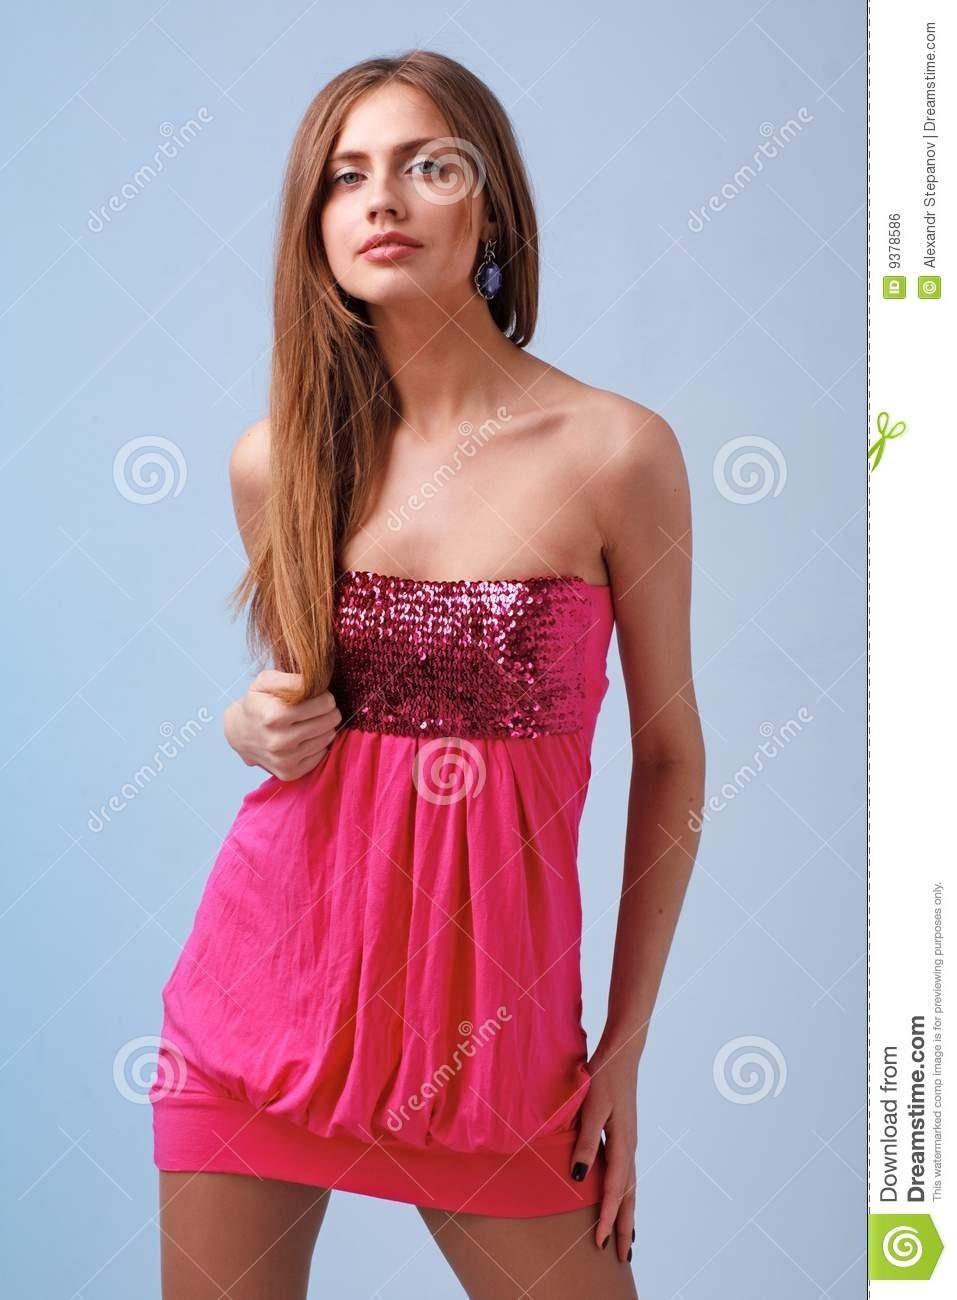 Kleider Schön Schöne Für Abendkleid Junge Boutique Frauen 17 knwPO0